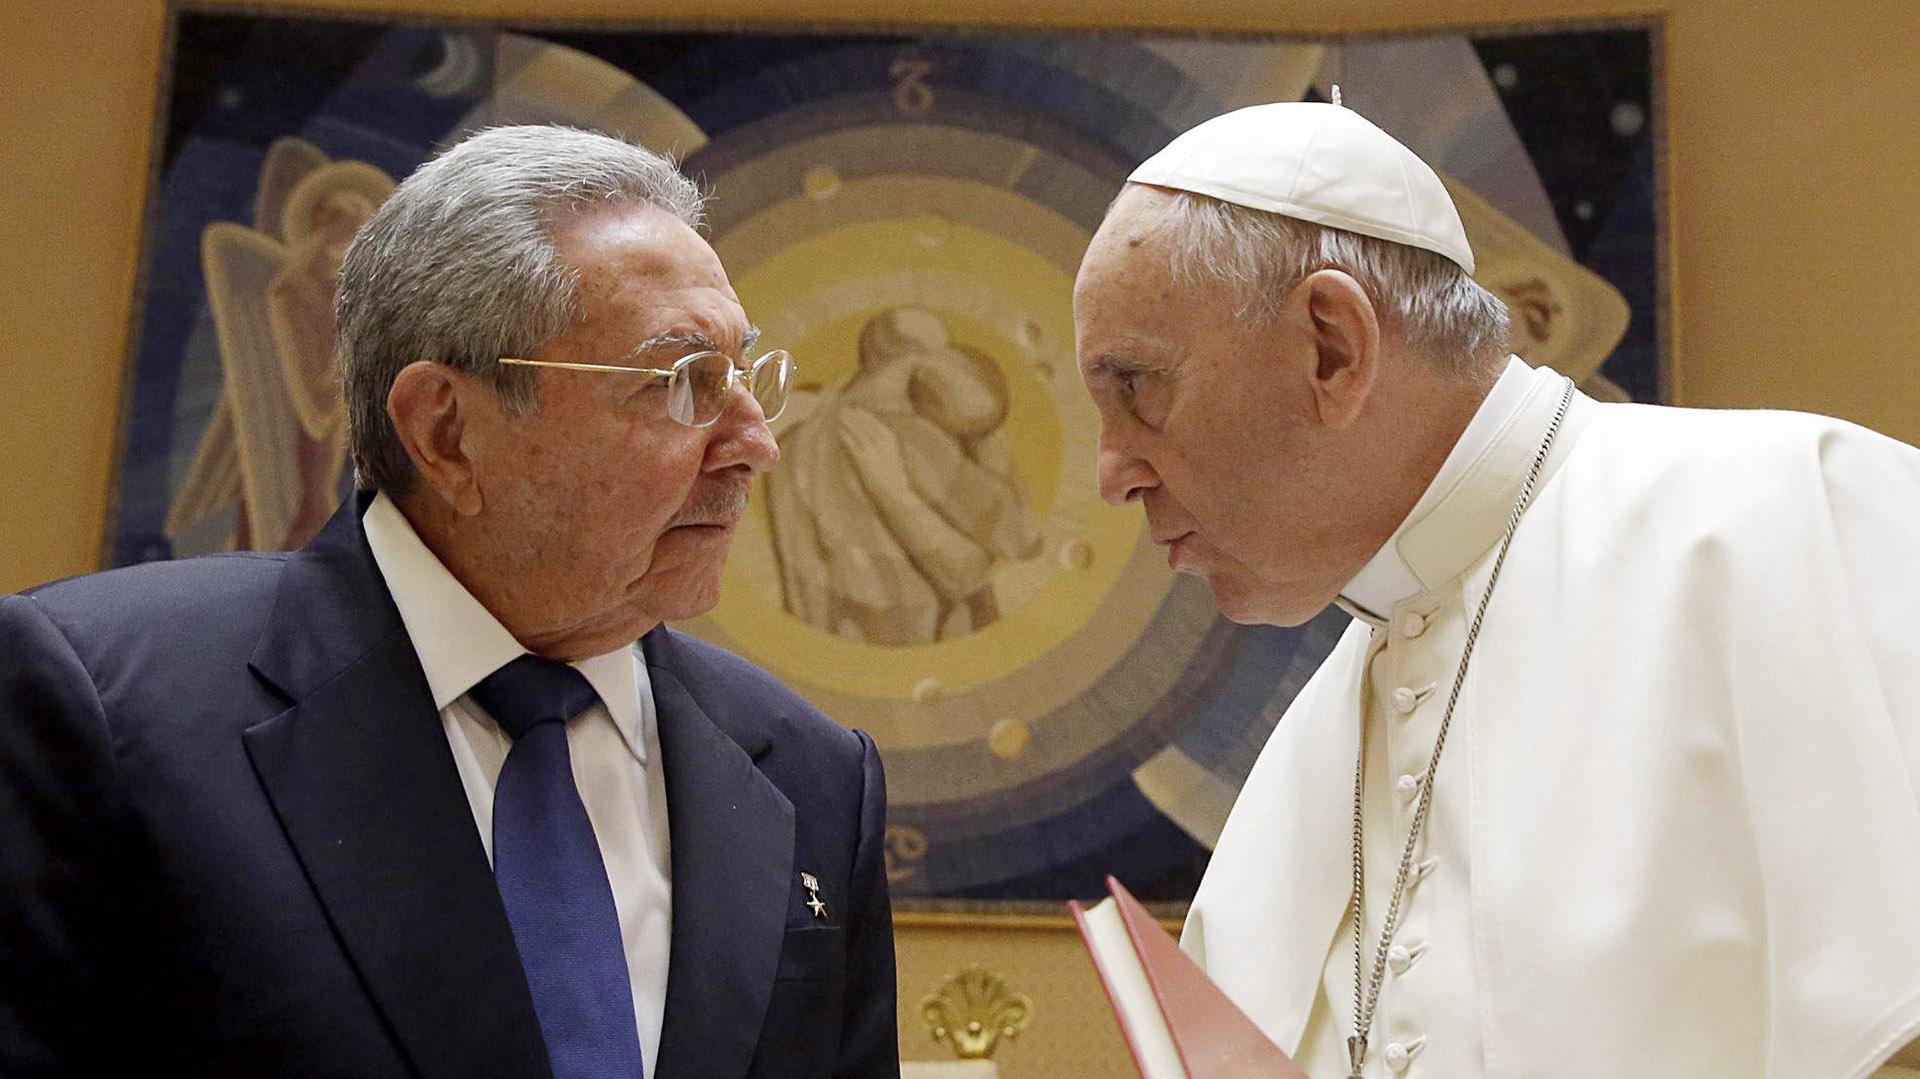 10 de mayo de 2015. Con el presidente cubano Raúl Castro